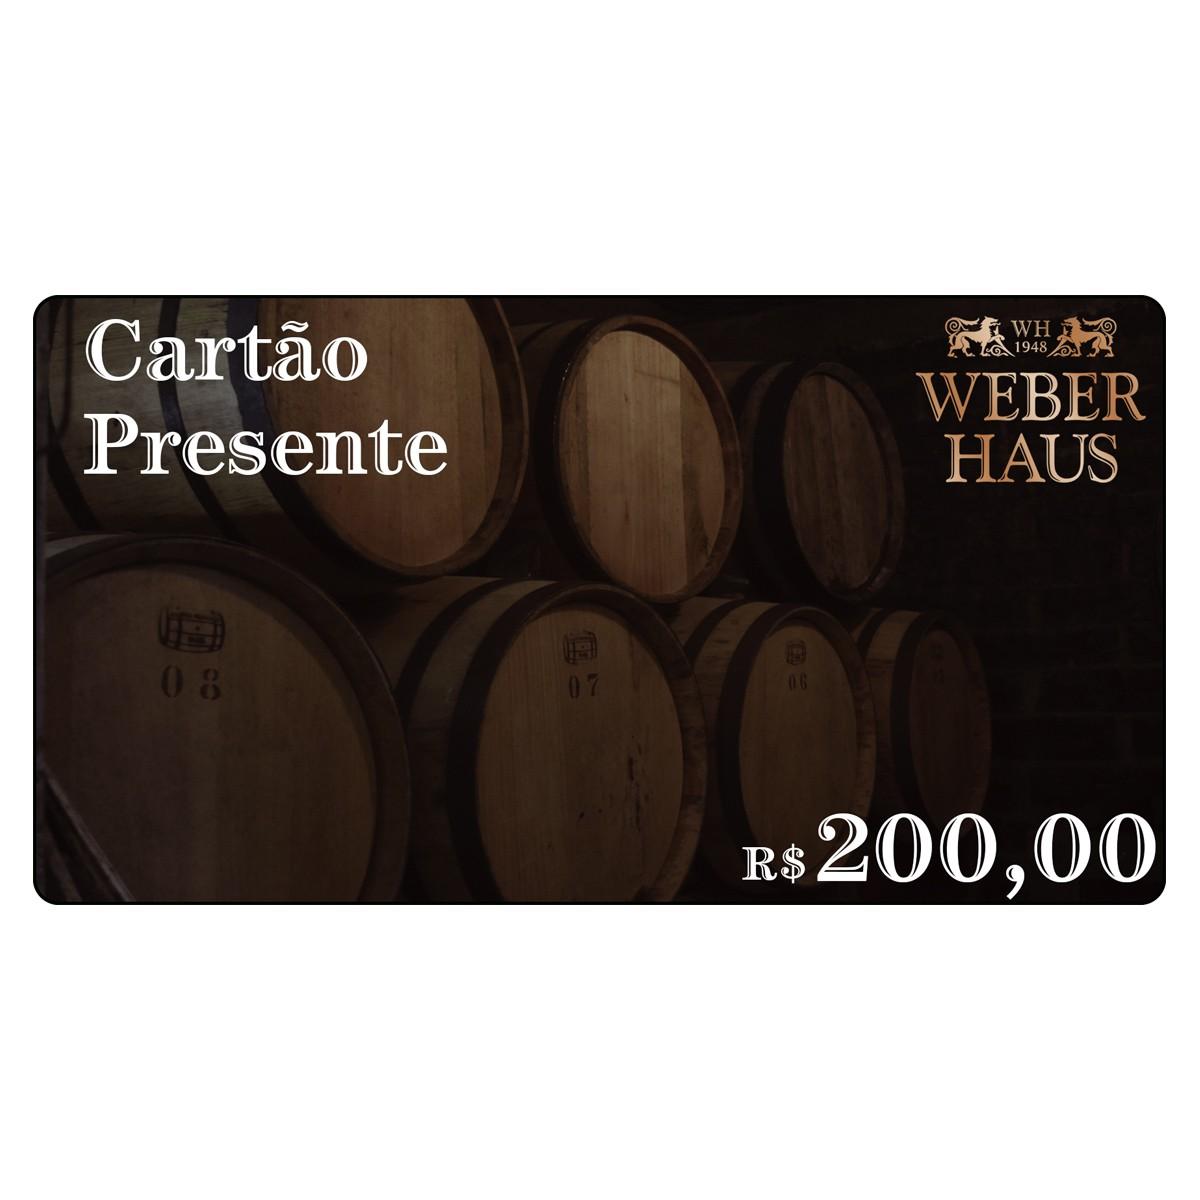 Cartão Presente no Valor de R$200,00